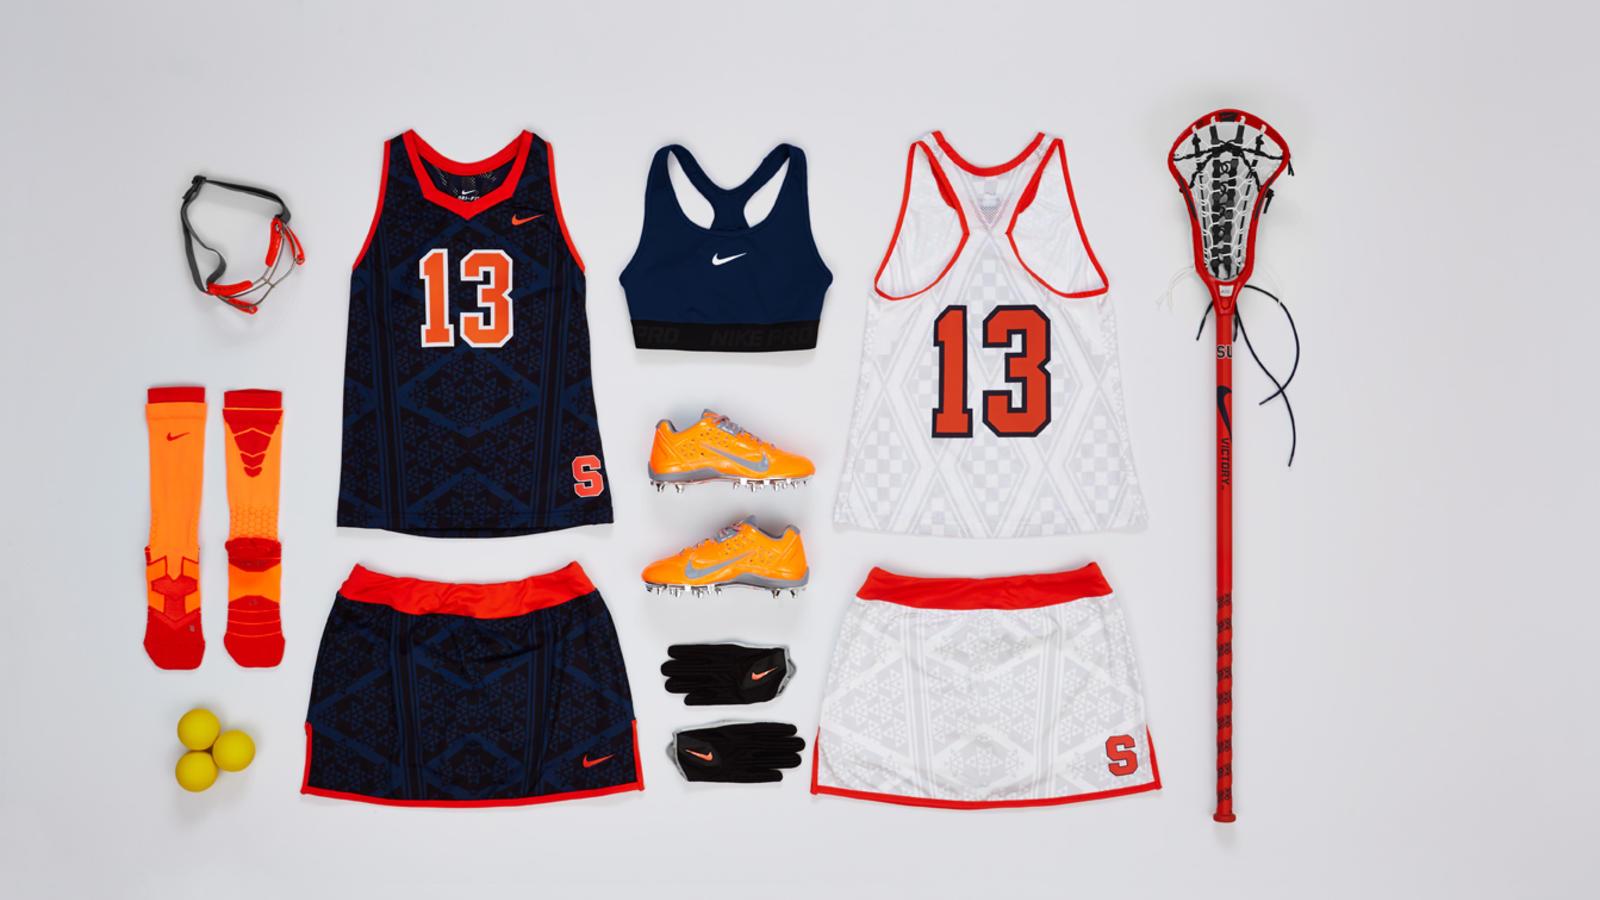 nike_womens_lacrosse_syracuse_lowres